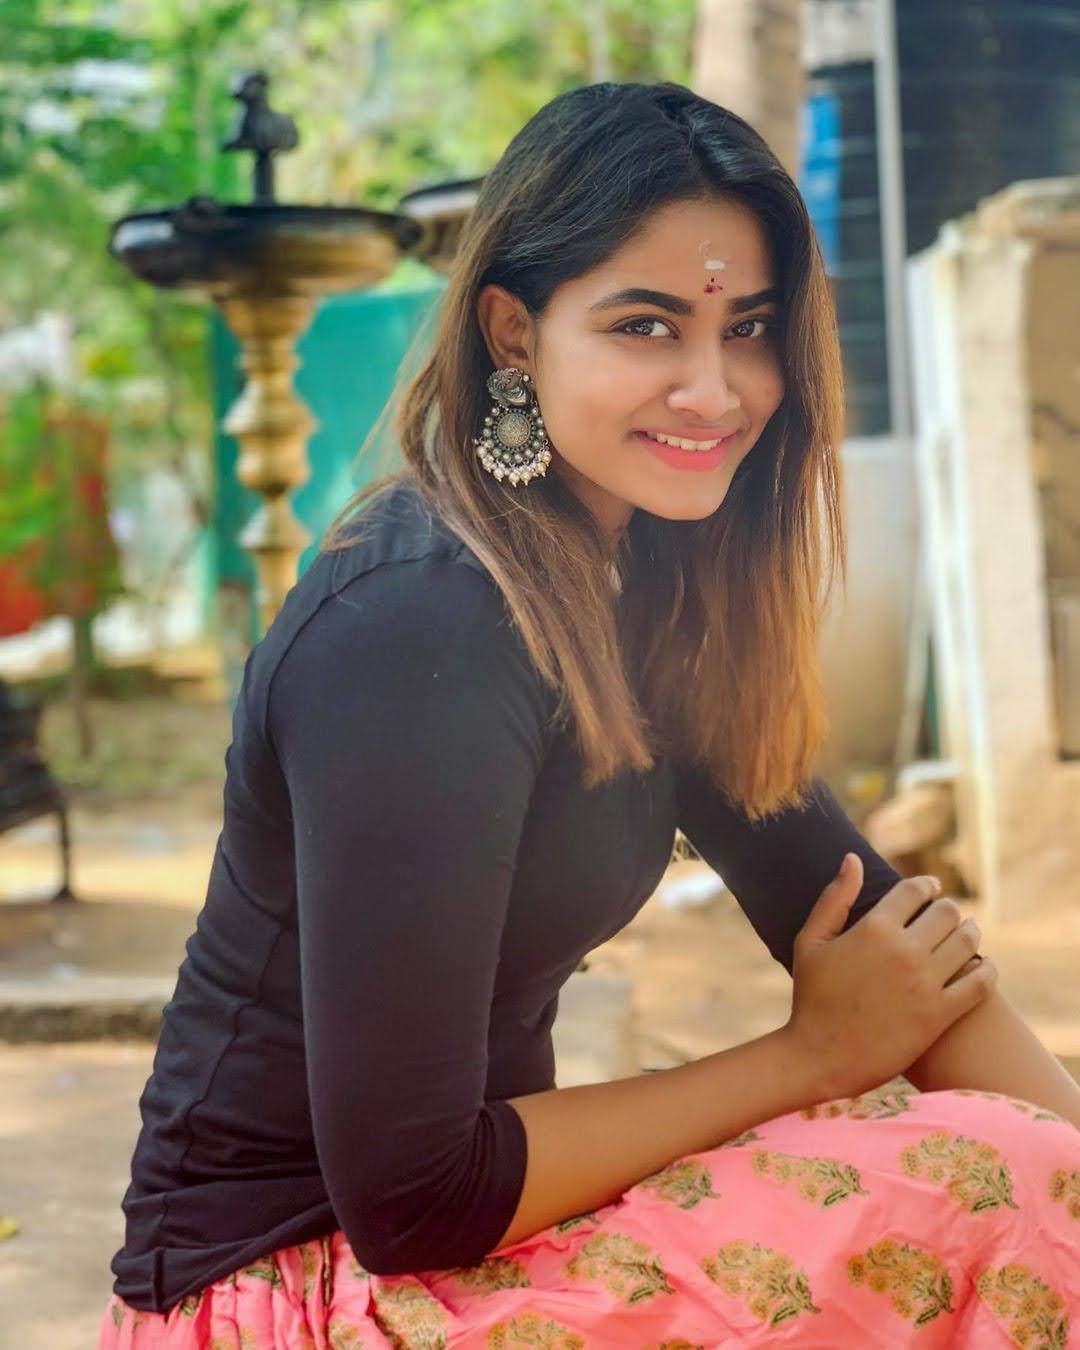 shivani_narayanan_515113236